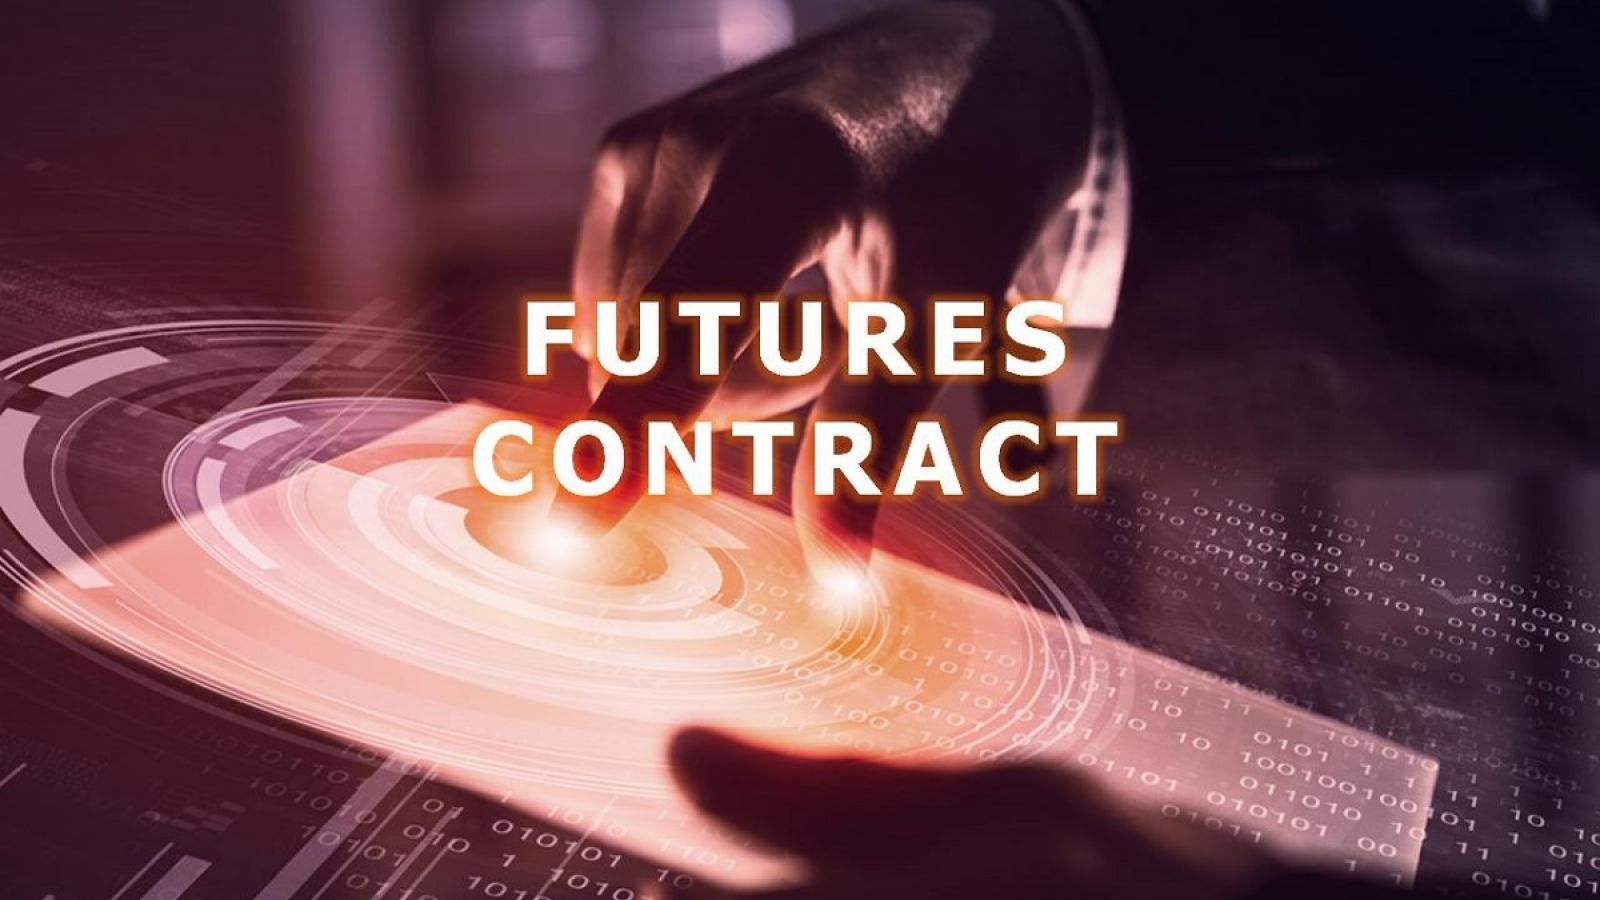 Sắp đưa Hợp đồng Tương lai Trái phiếu Chính phủ kỳ hạn 10 năm vào giao dịch